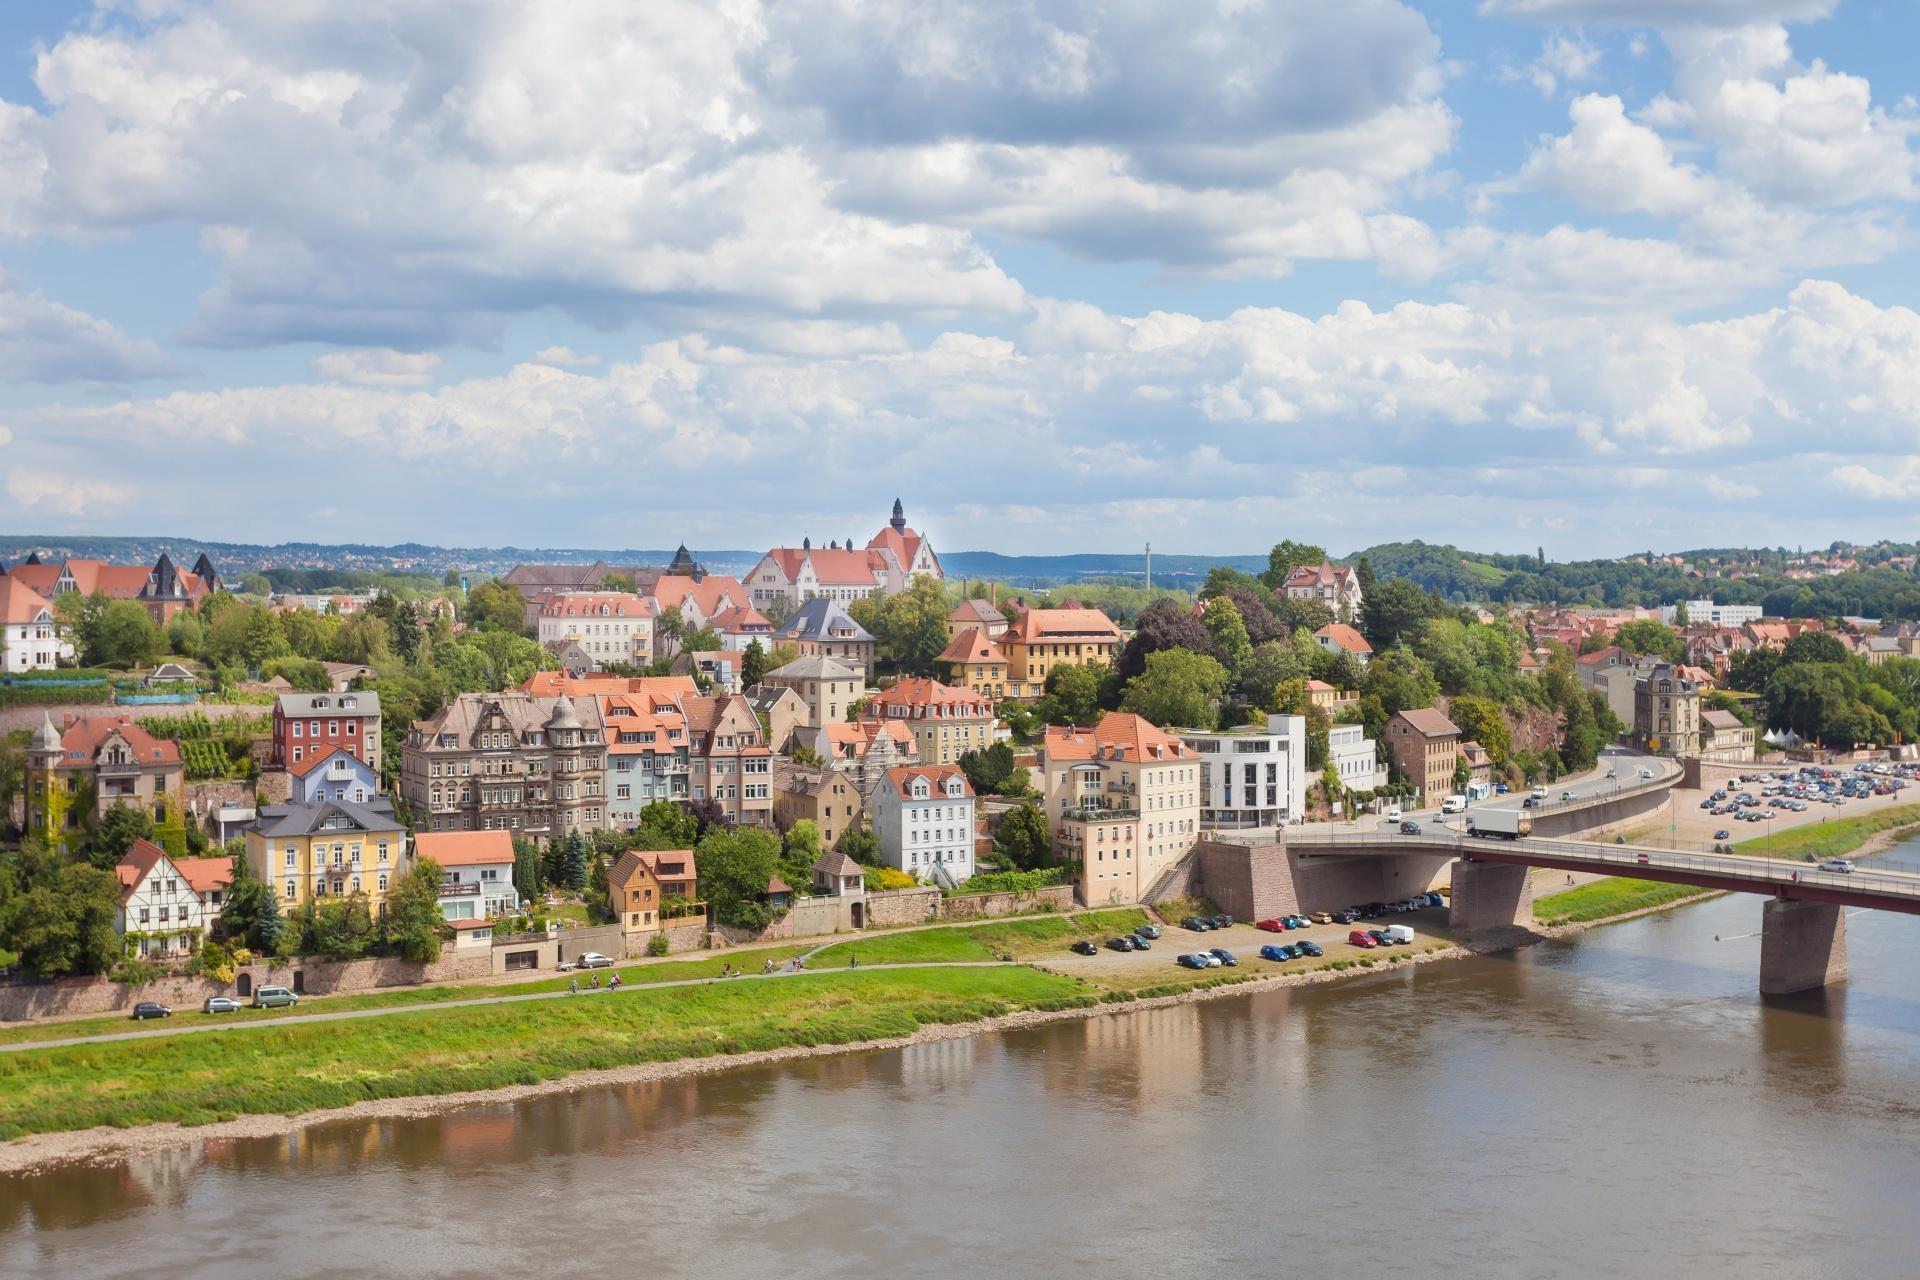 マイセンの街並み ドイツの風景